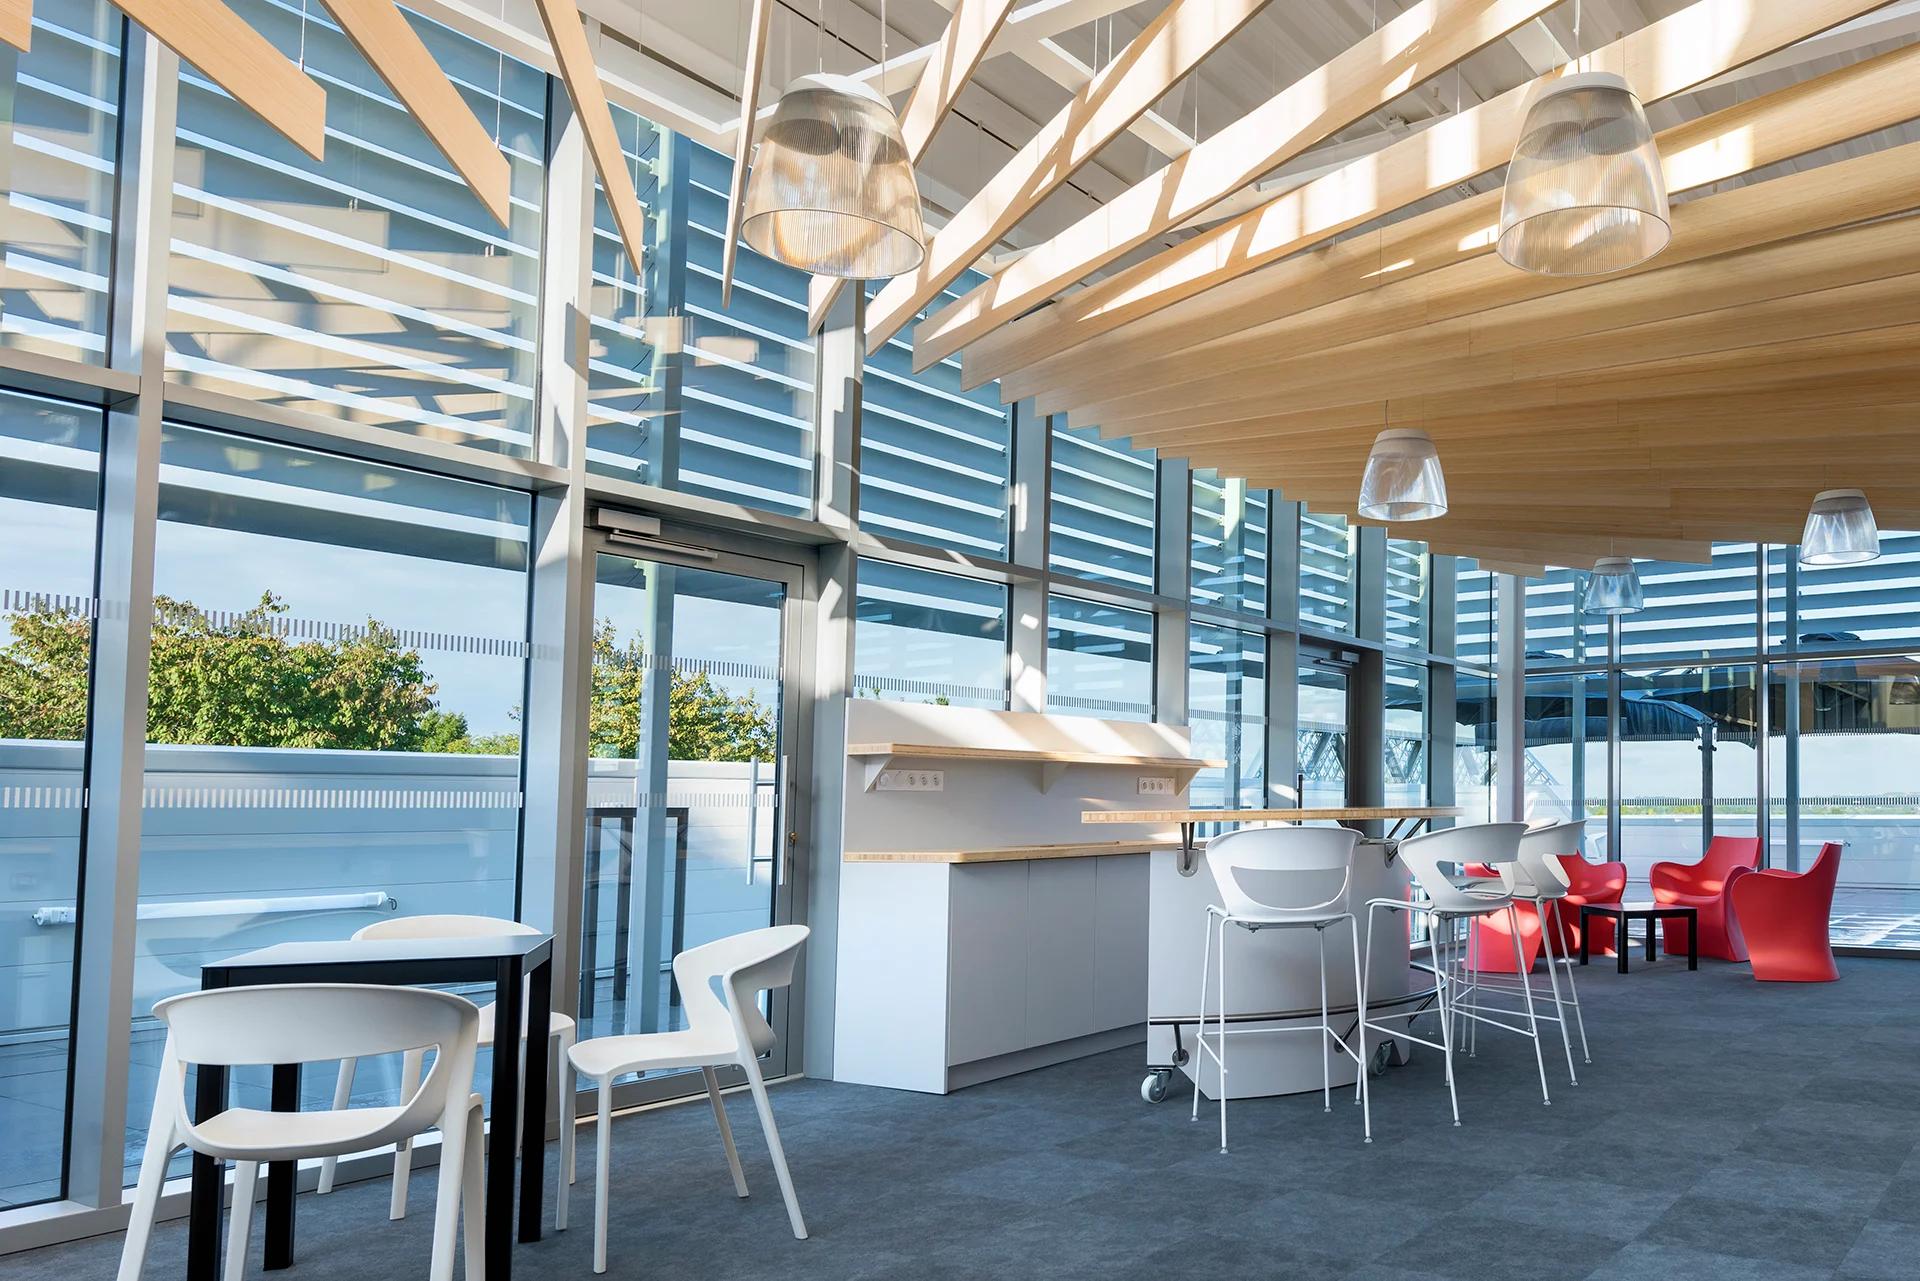 La Mezzanine et la Terrasse au Laval Virtual Center - Location de salles